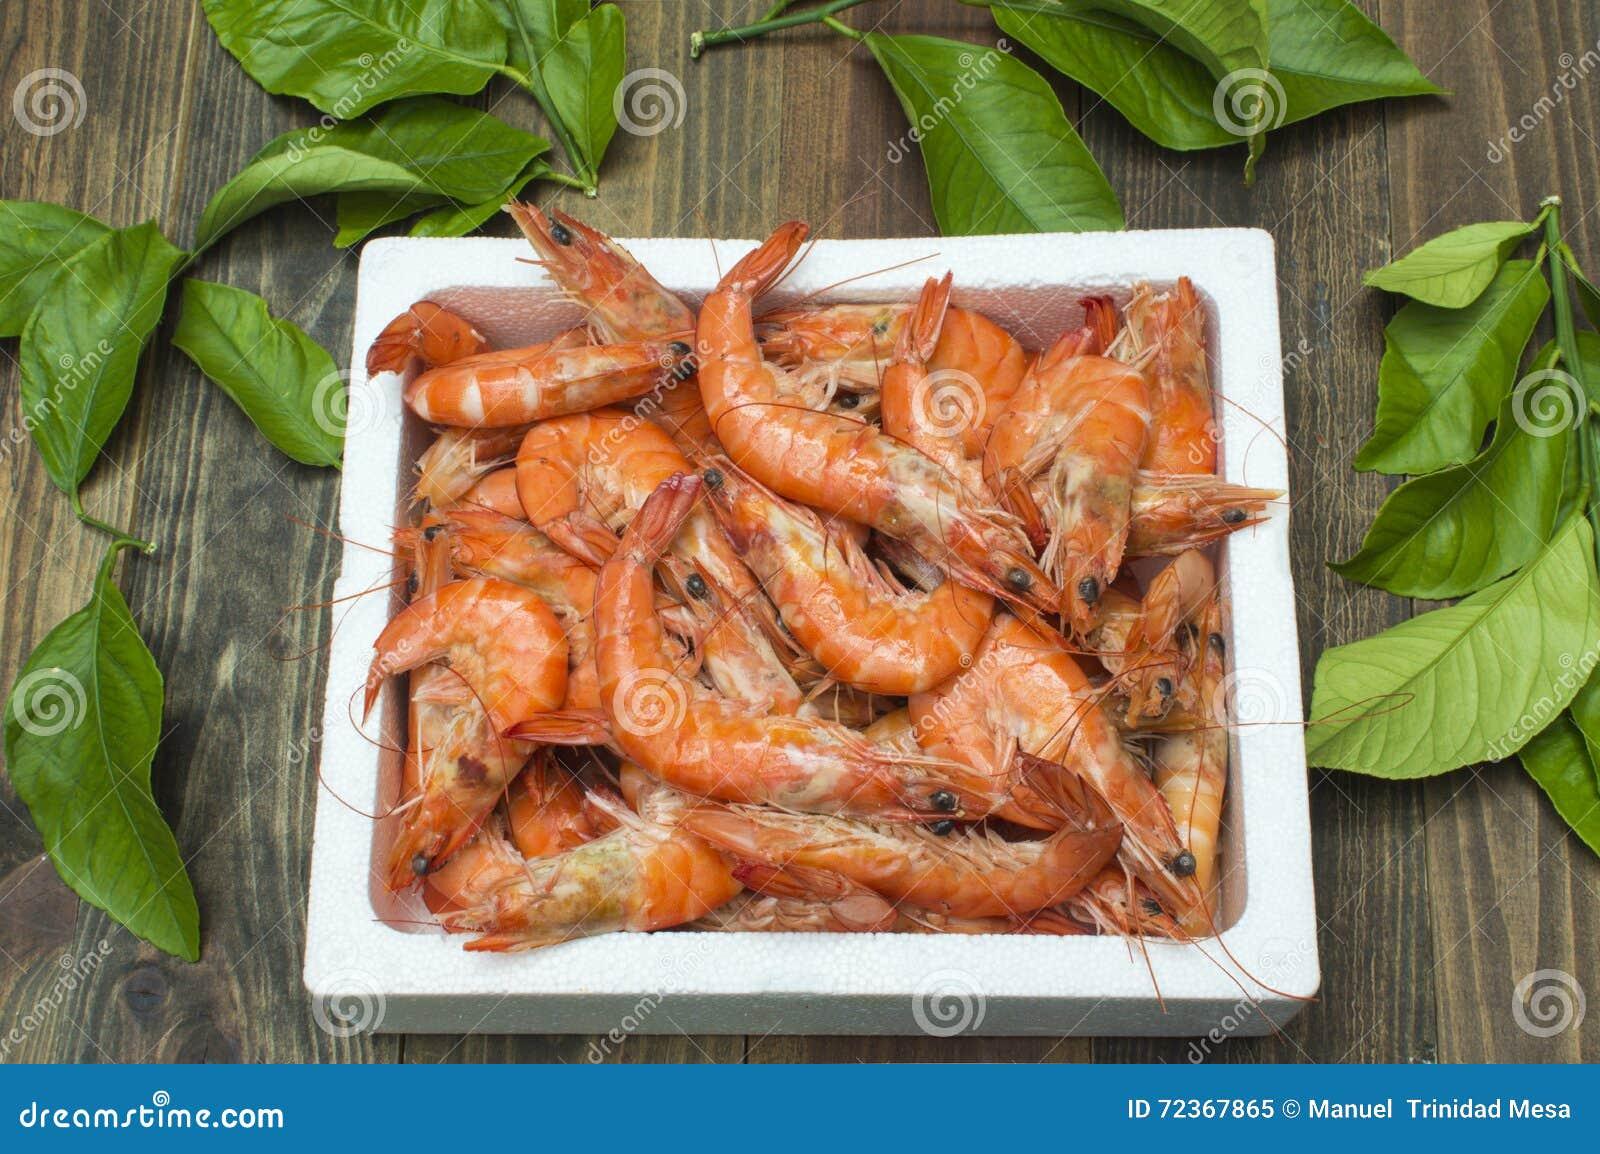 大虾在桌上装箱